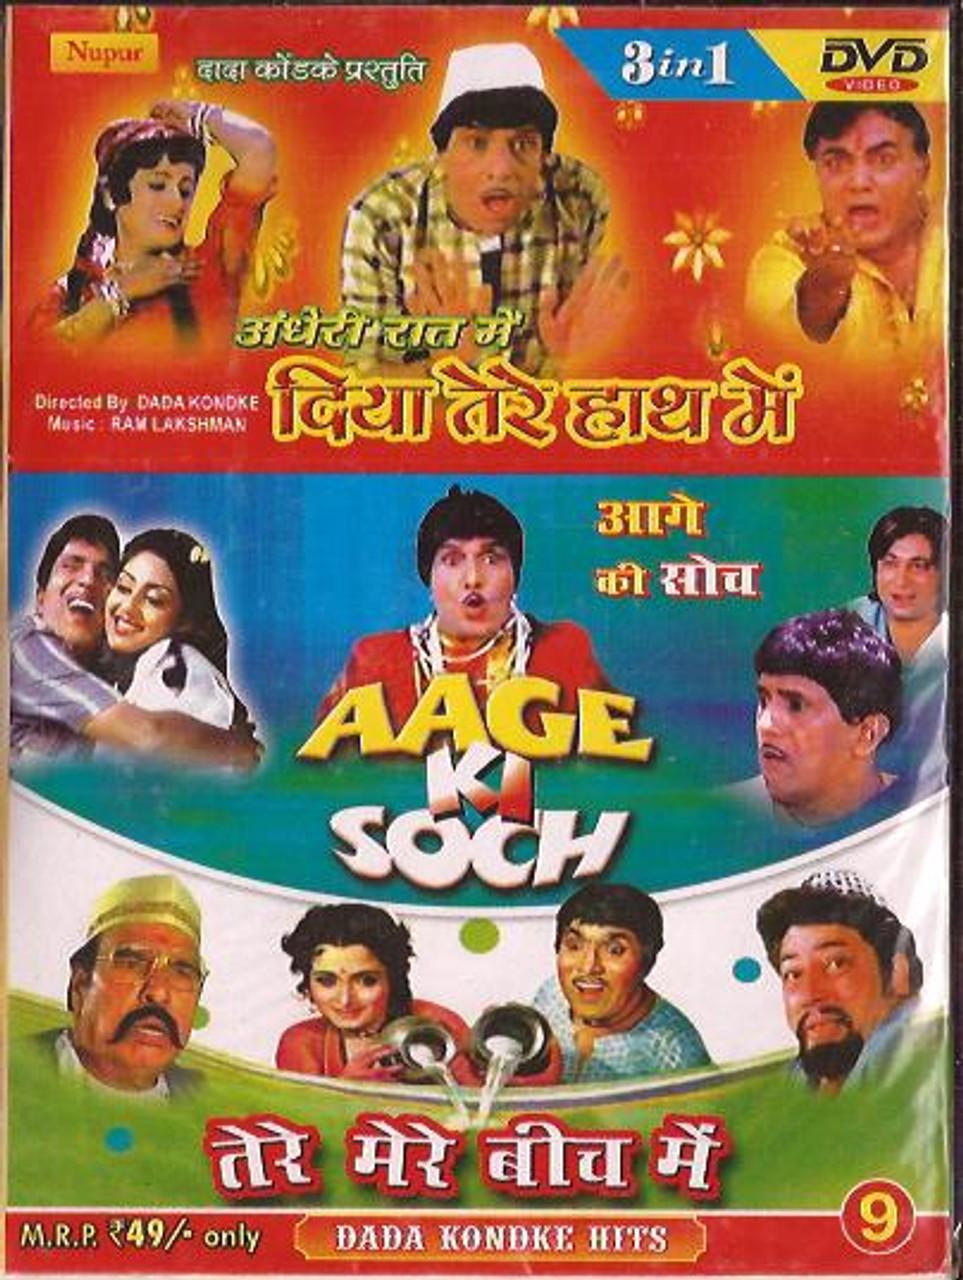 Dada Kondke Hits-Andheri Raat Mein Diya Tere Haath Mein-Aage Ki Soch-Tere  Mere Beech Mein-DVD 3 IN 1